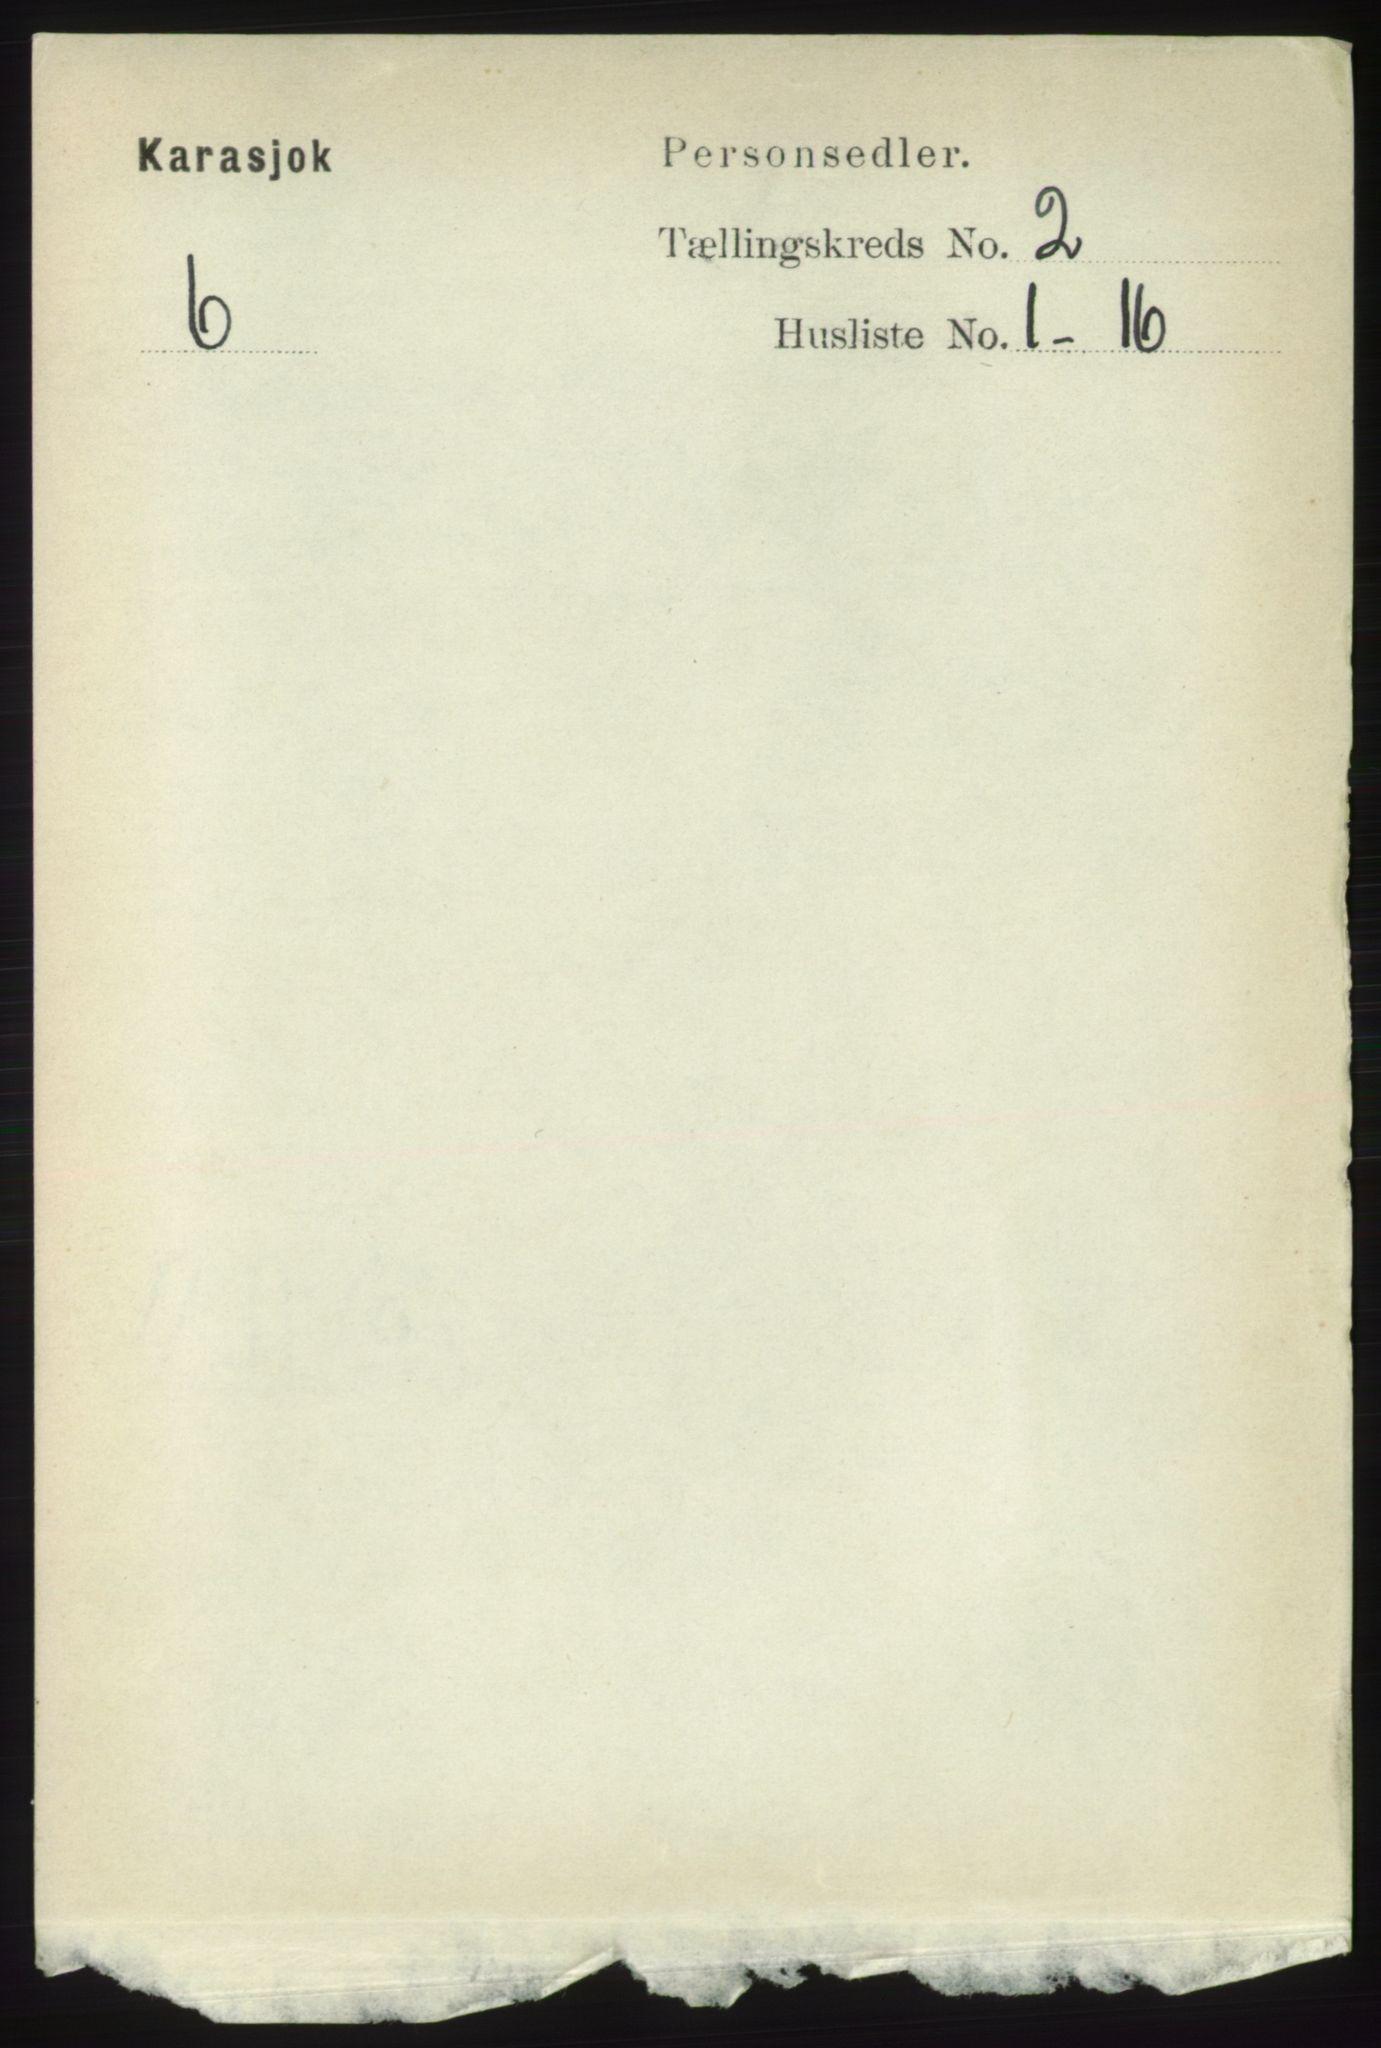 RA, Folketelling 1891 for 2021 Karasjok herred, 1891, s. 434